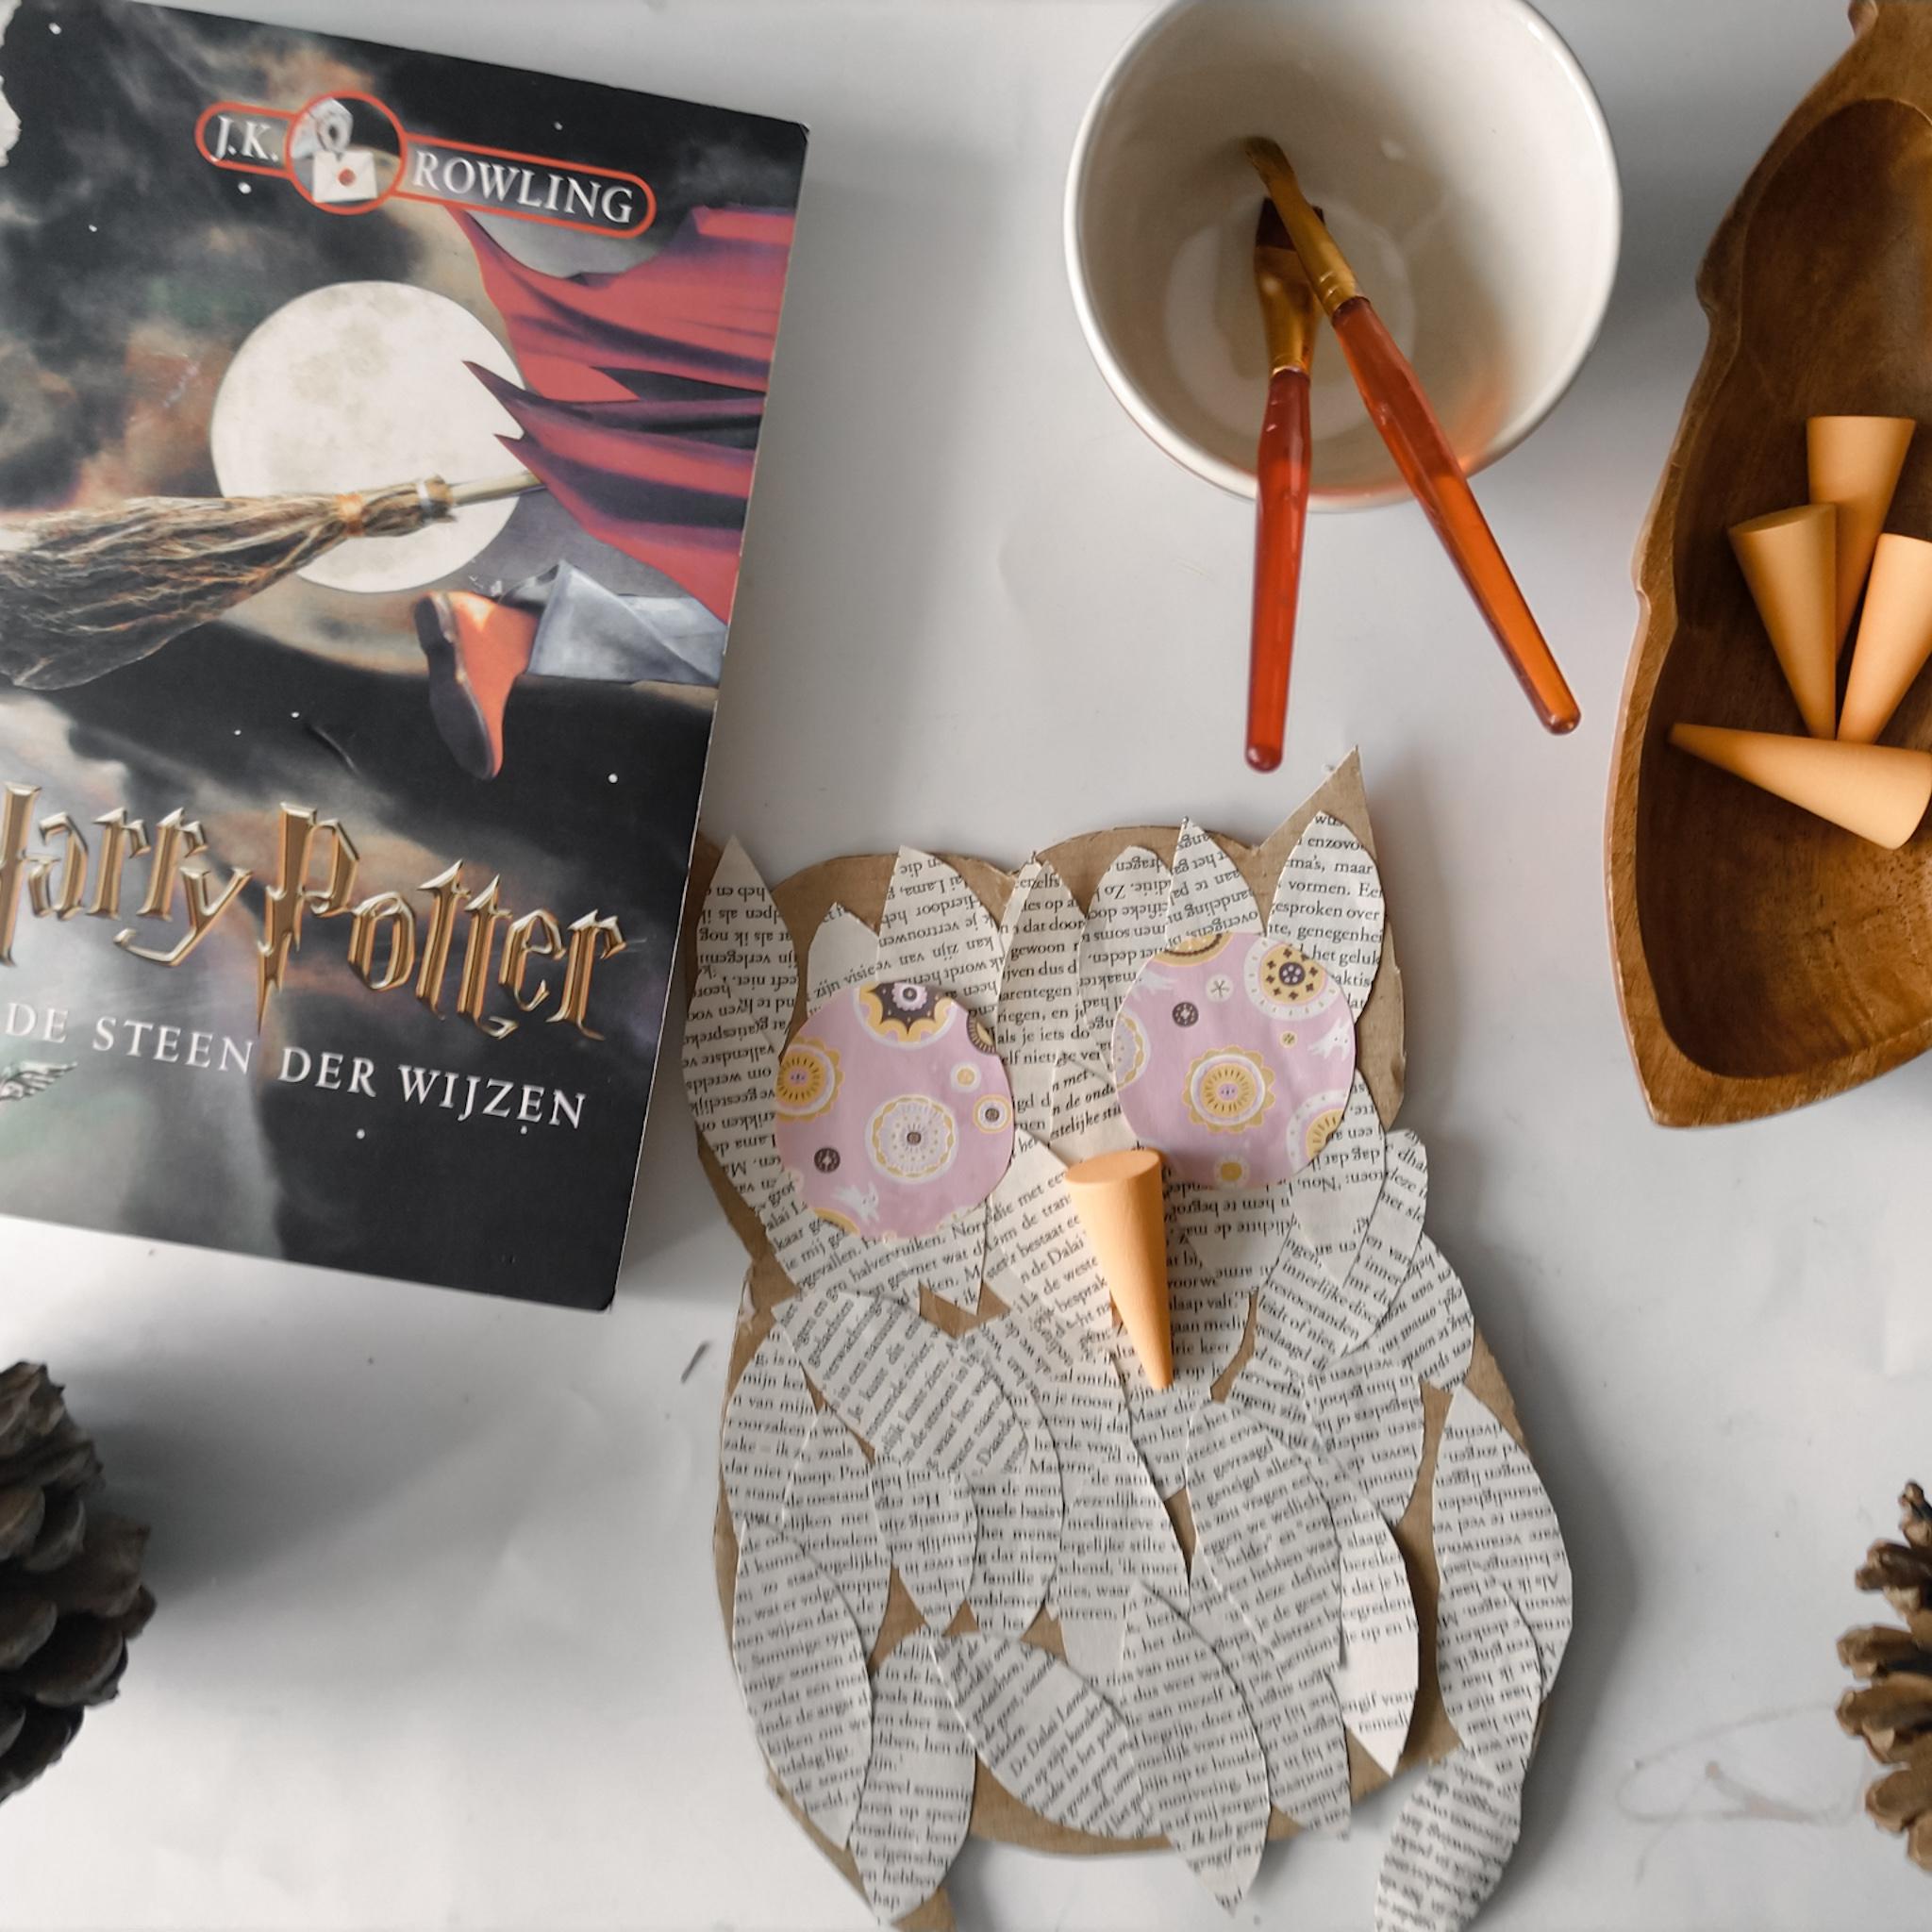 Een boekenuil van Harry Potter knutselen